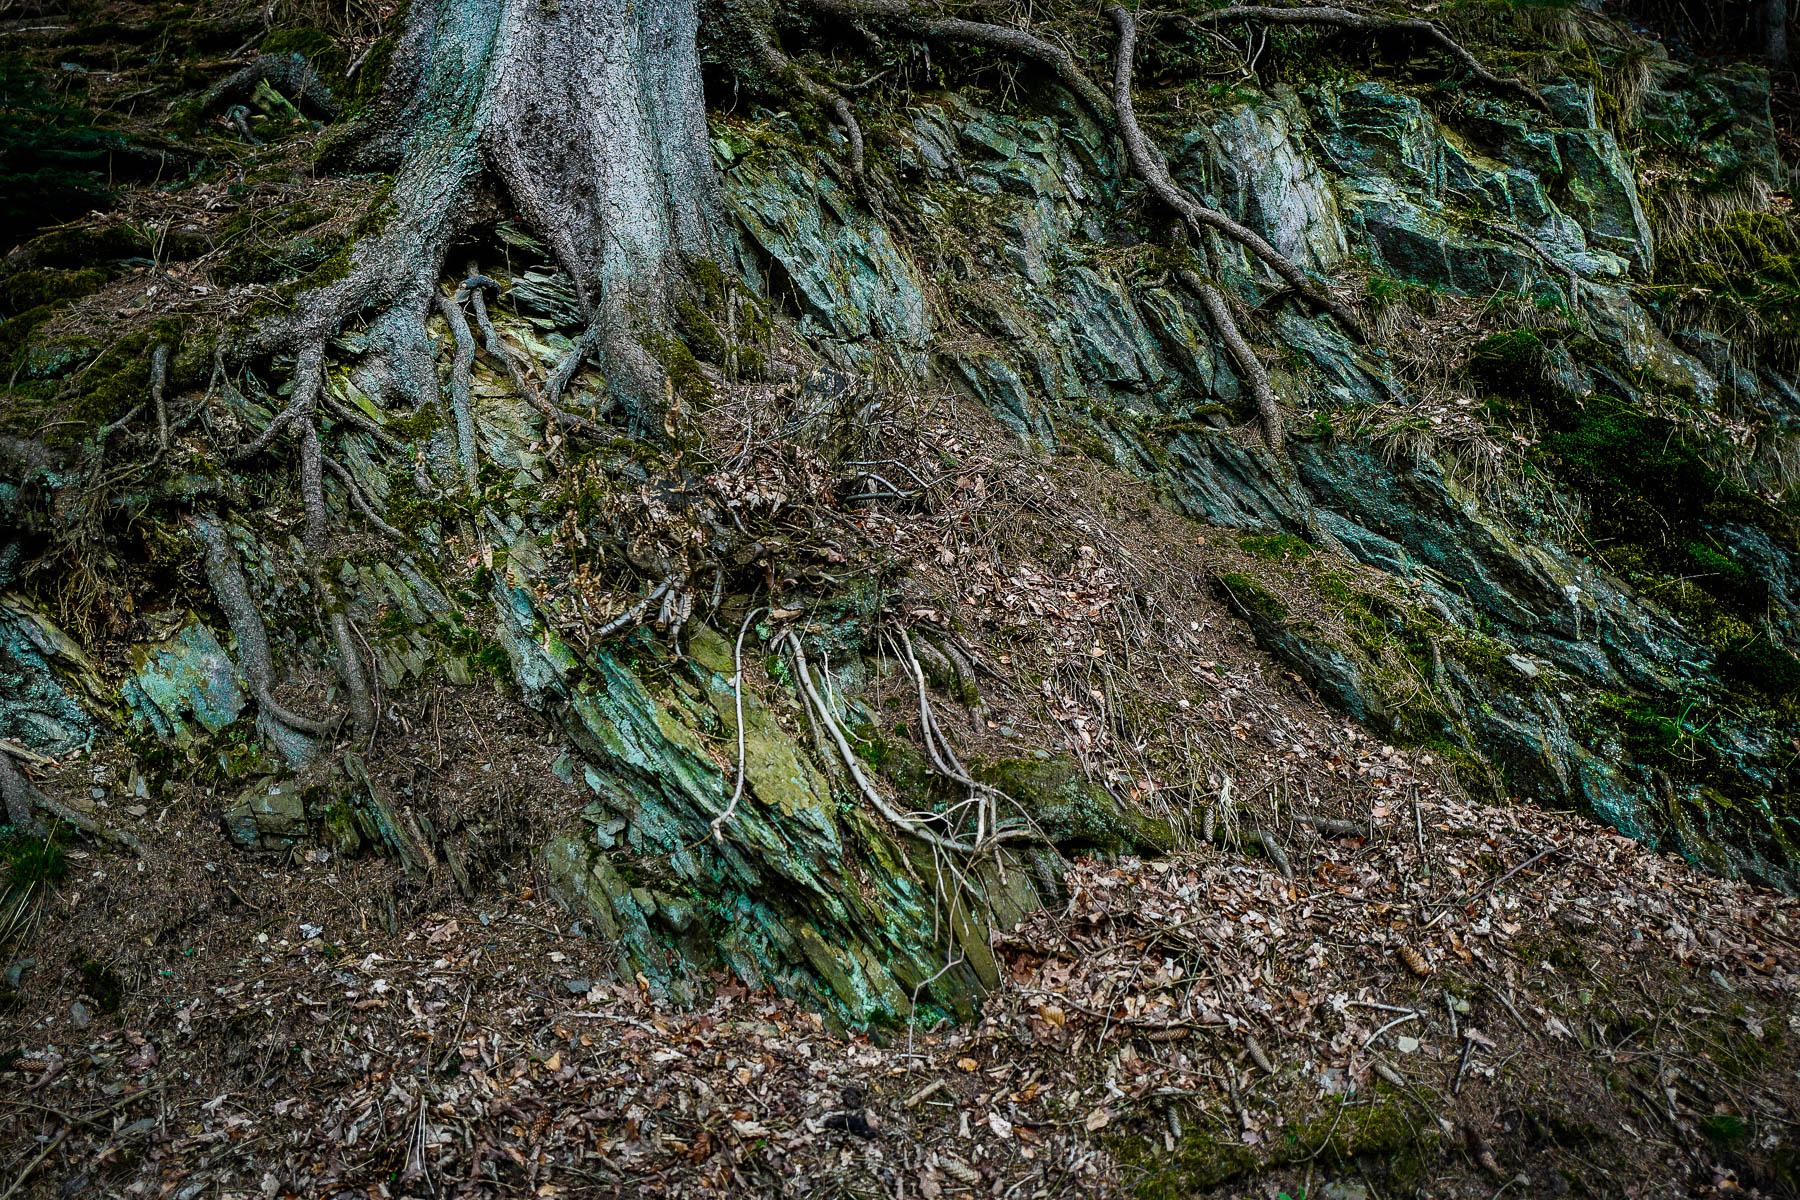 christoph neumann, green velvet, woods, roots, nature, tree